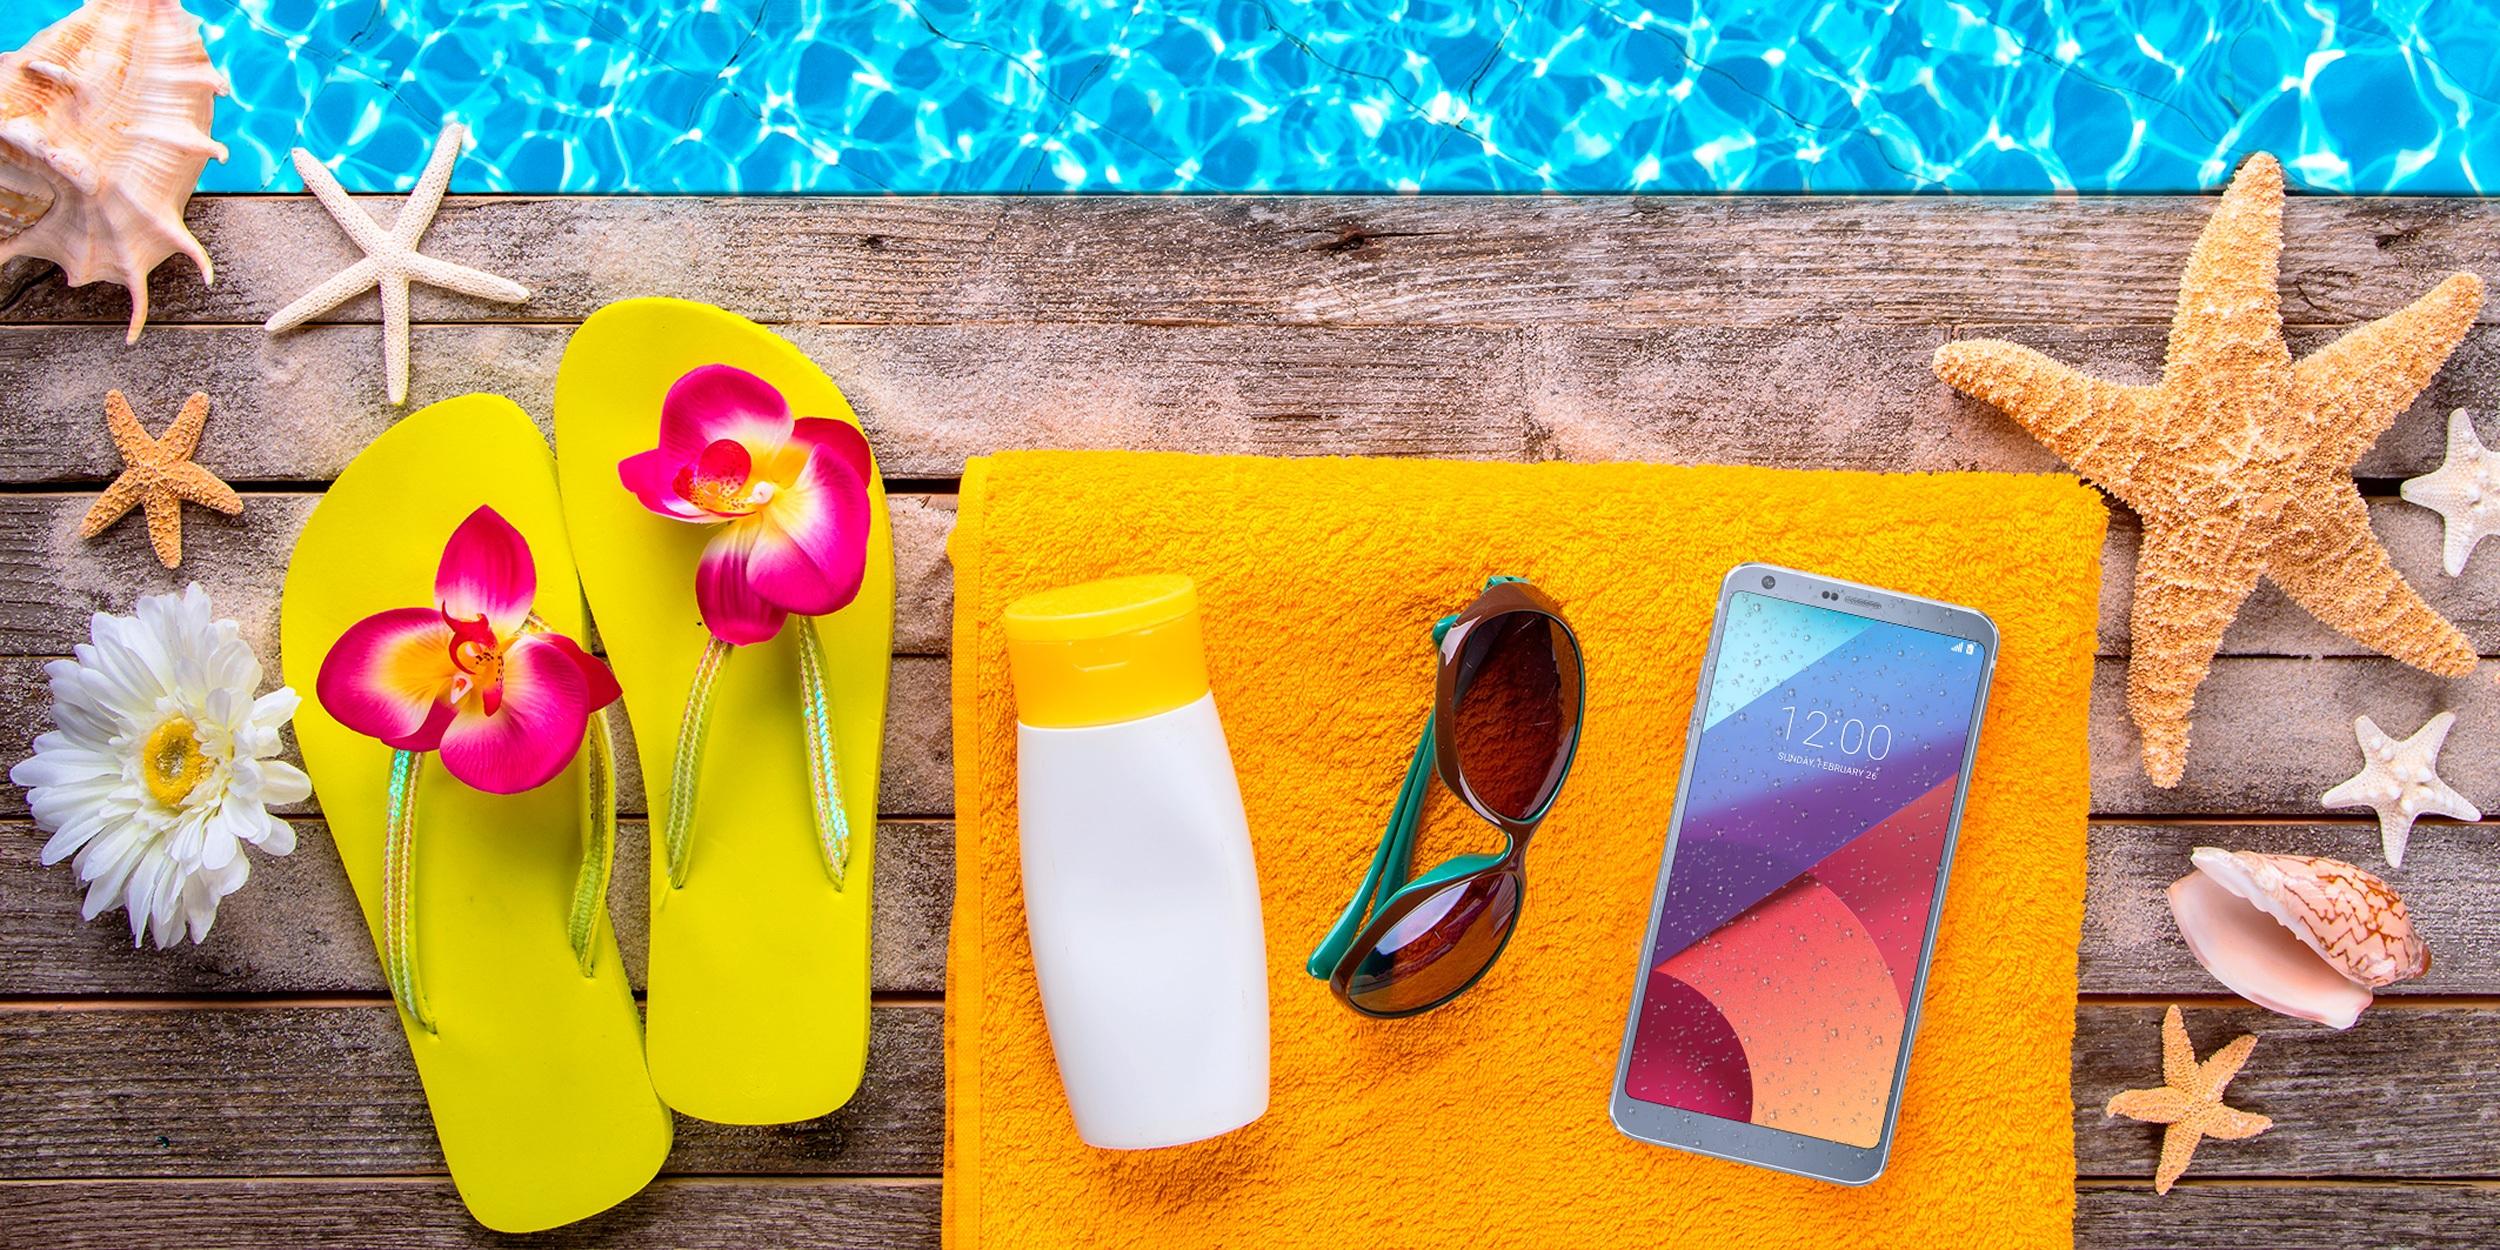 Precauciones a seguir para usar el celular en la playa